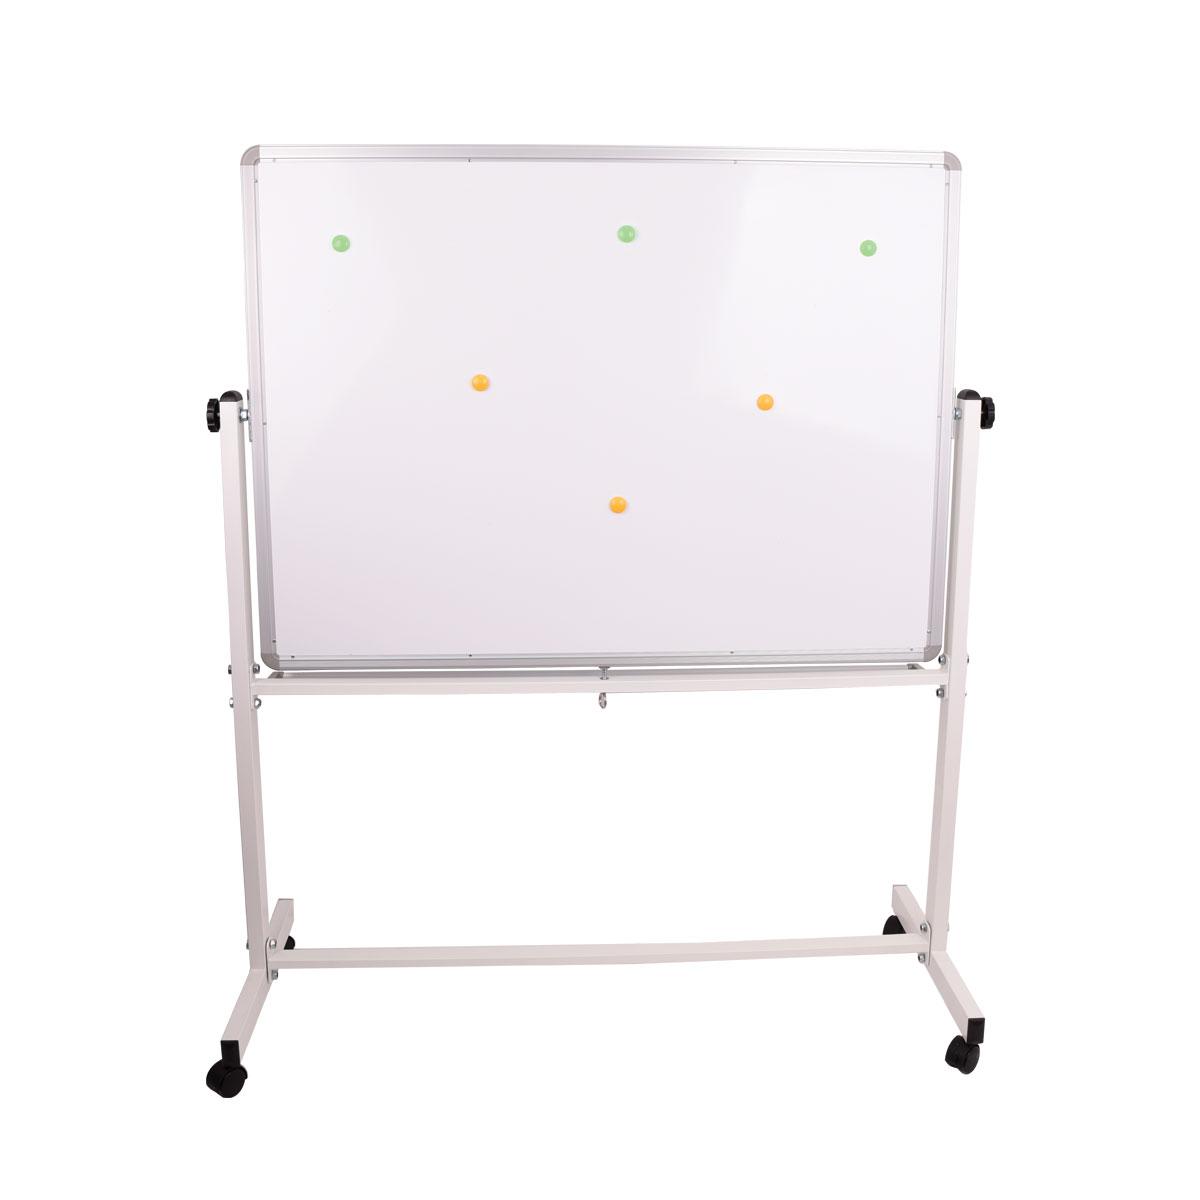 سبورة تعليم بيضاء مع استاند حامل - مقاس 120 * 90 سم - موديل L90120